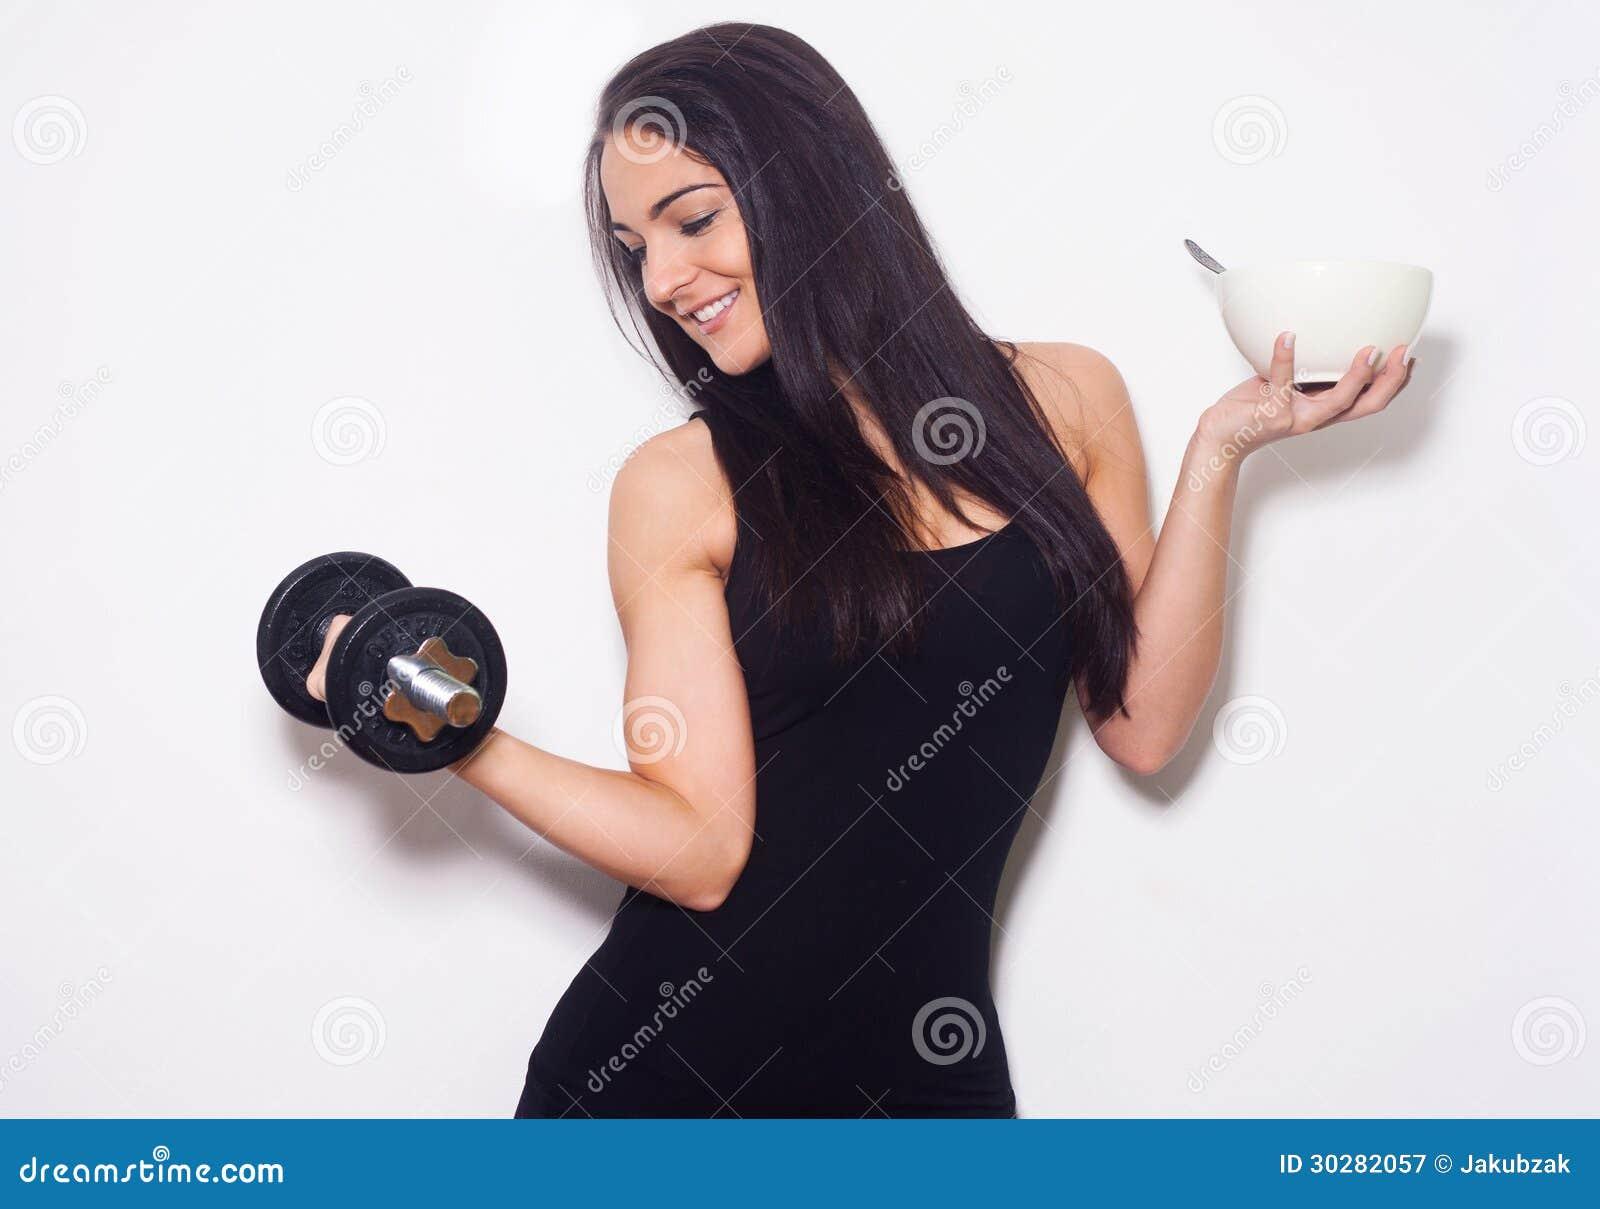 举行碗和哑铃的年轻美丽的妇女。